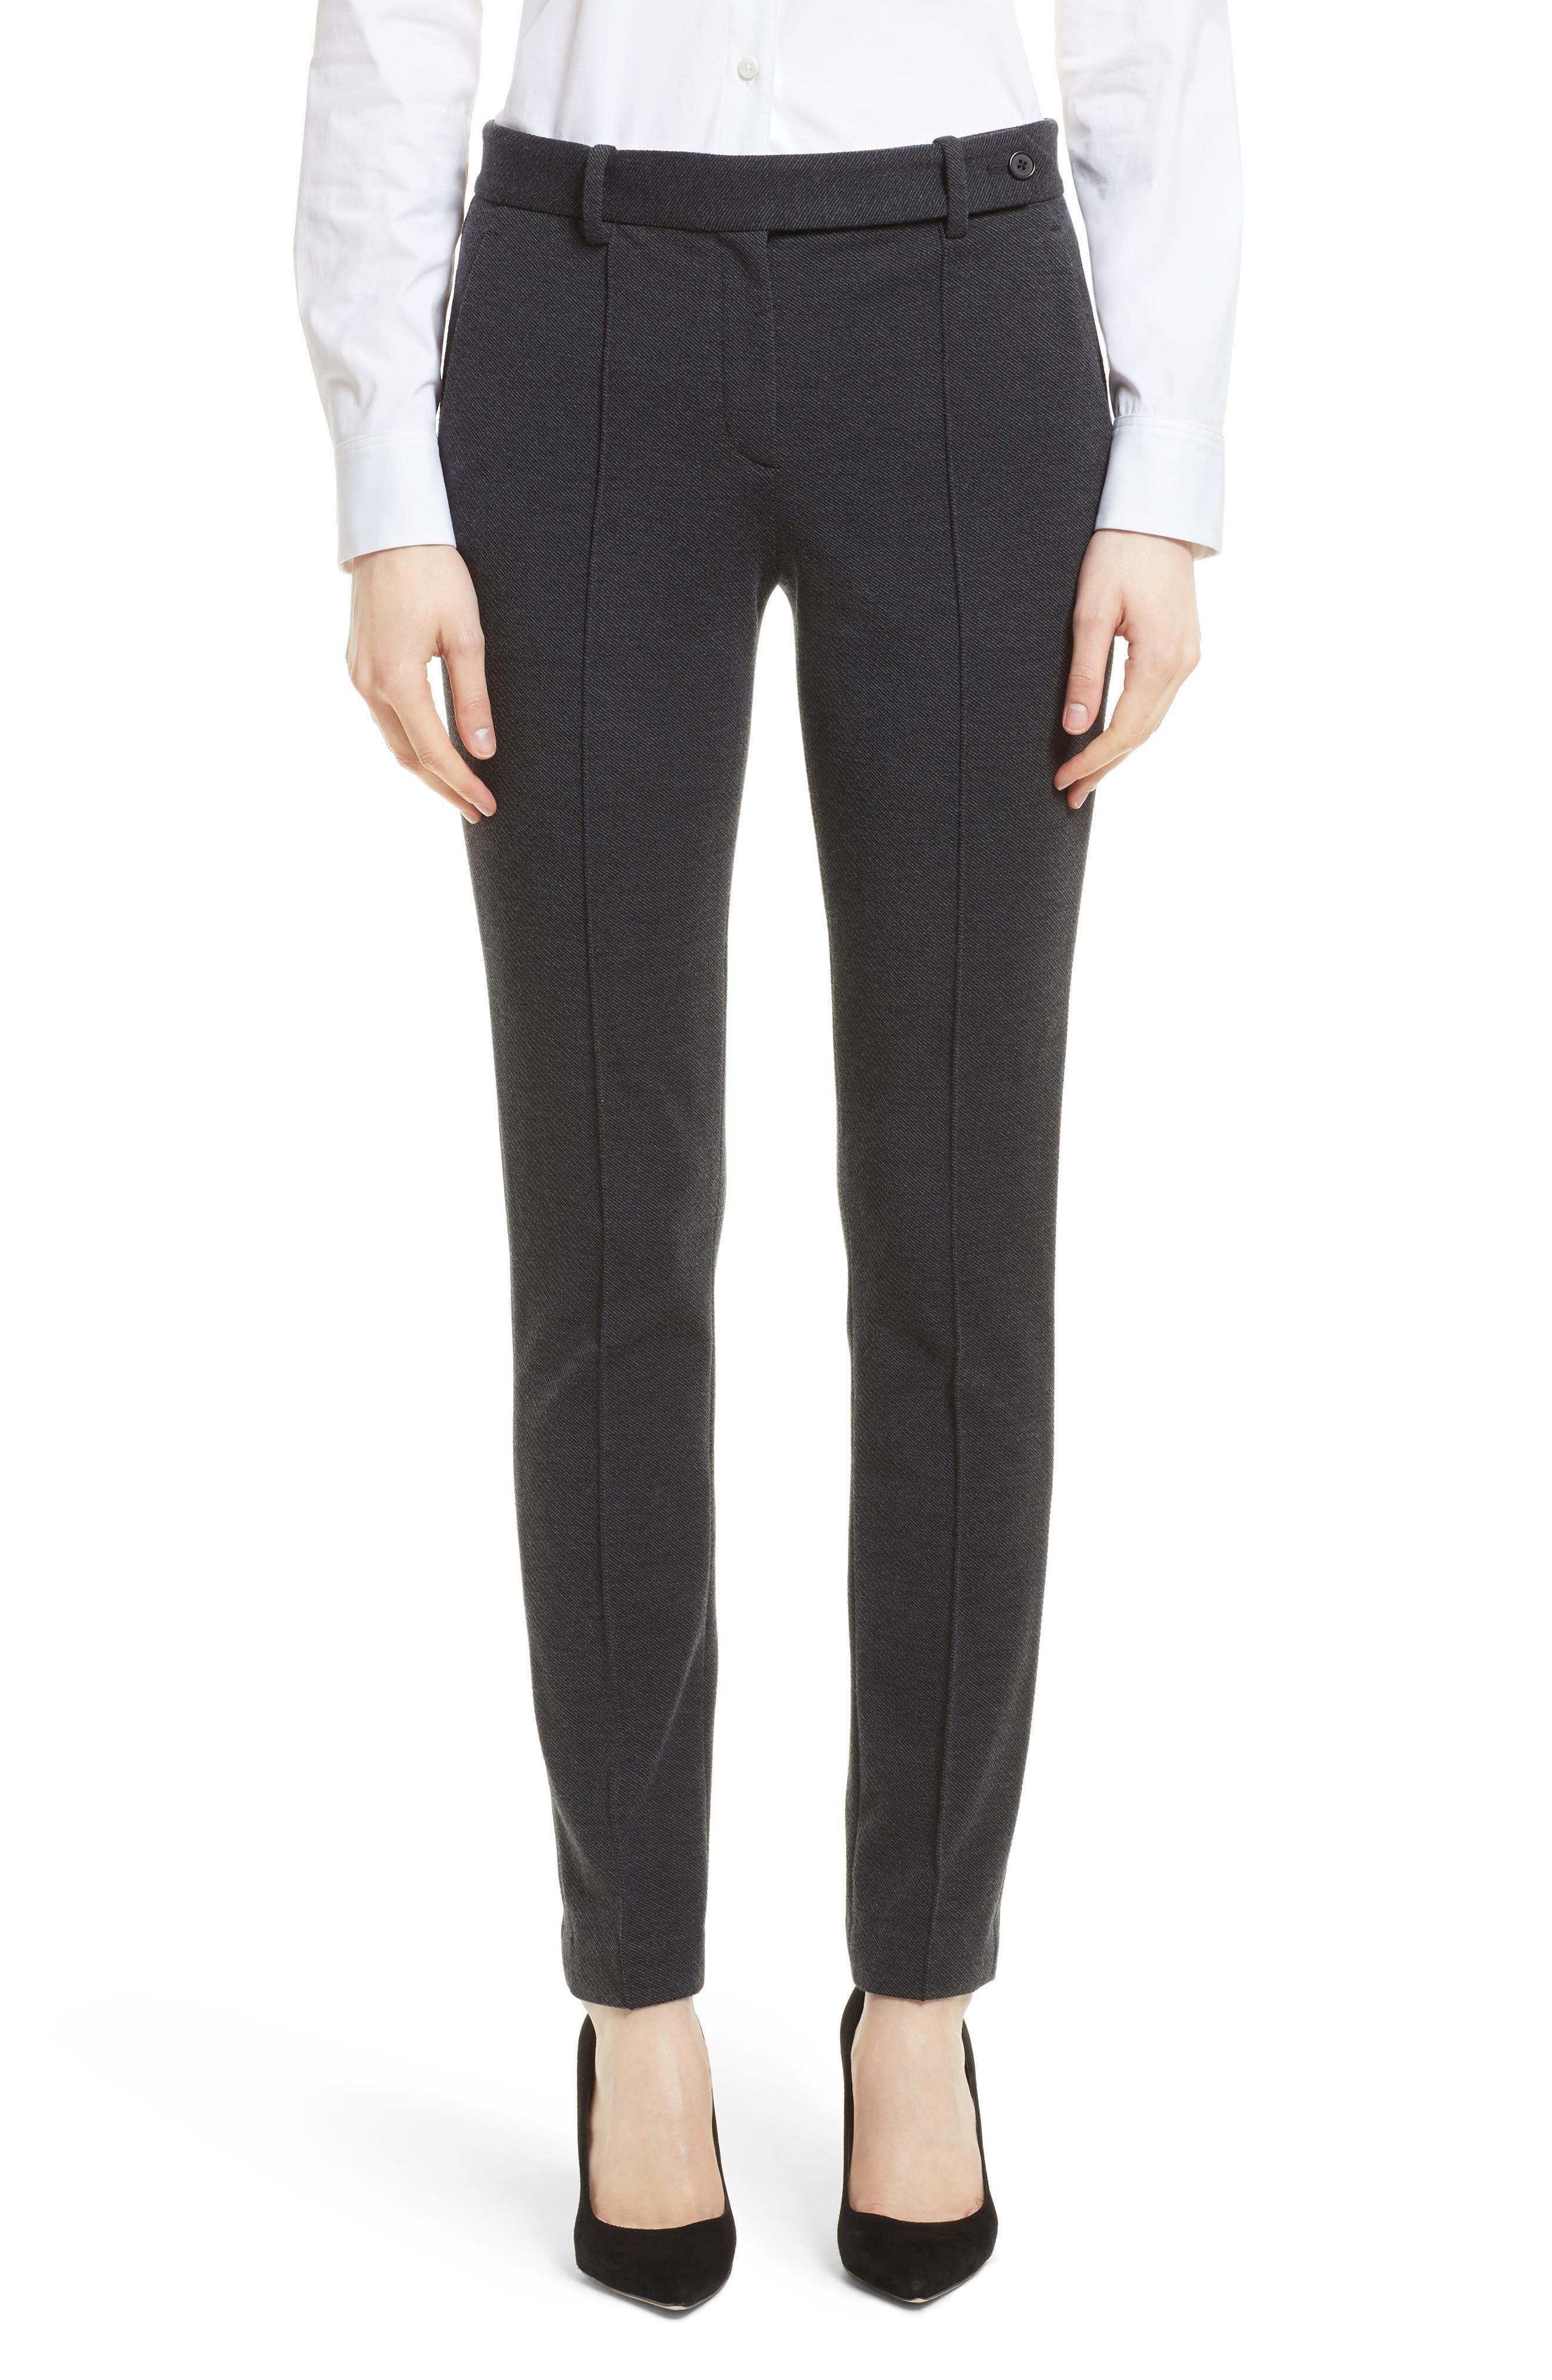 Pintuck Knit Twill Pants,                             Main thumbnail 1, color,                             Dark Charcoal